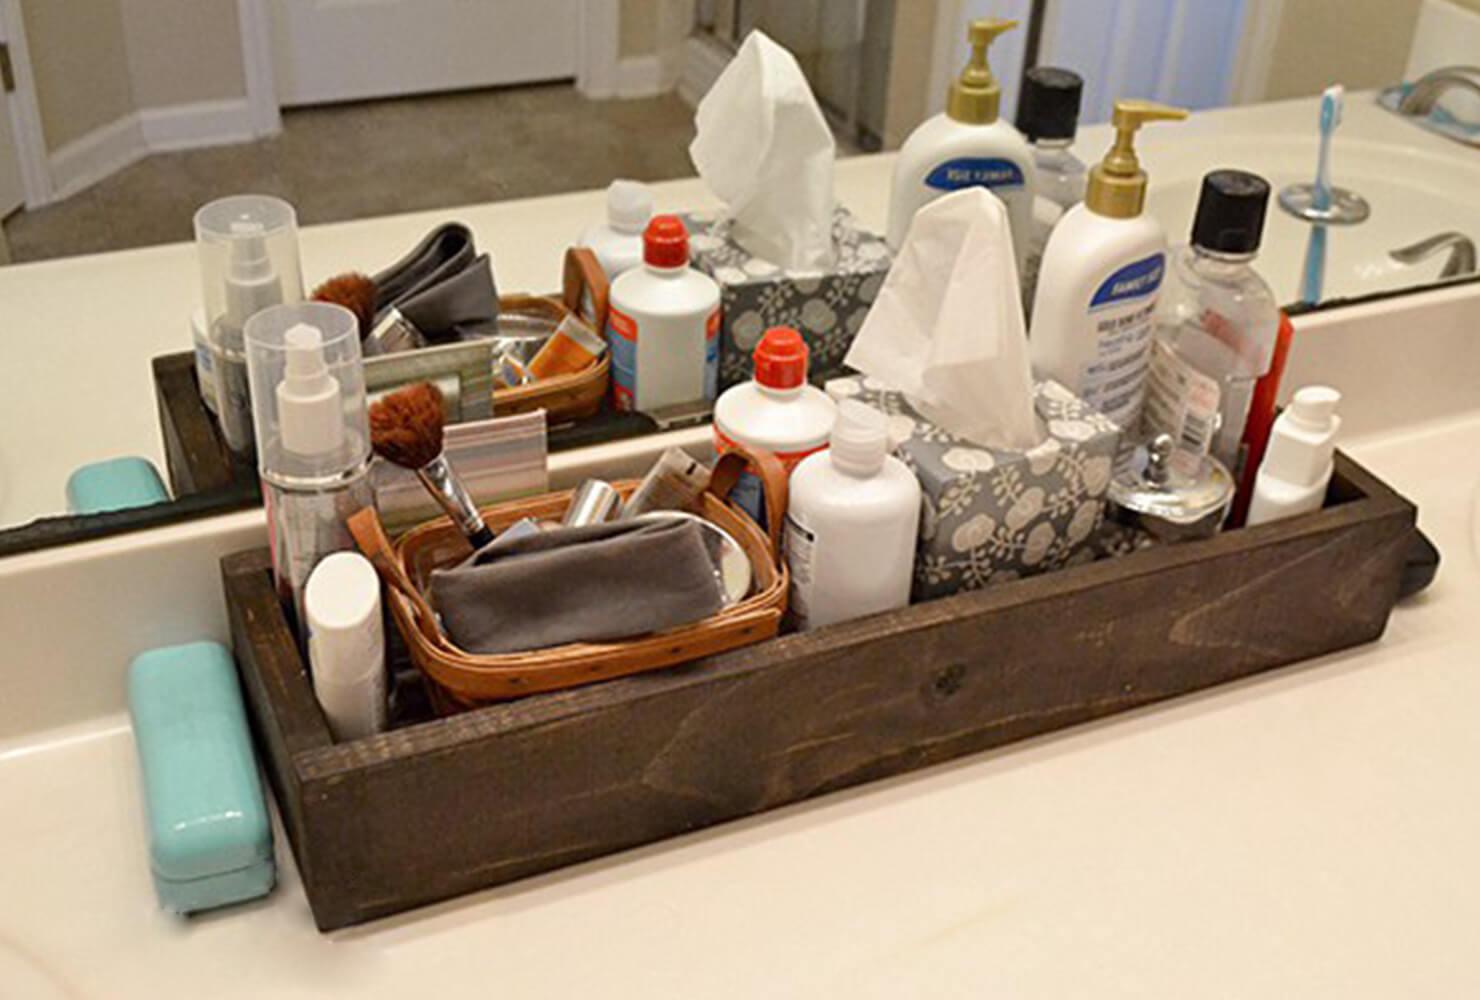 20 Creative DIY Bathroom Ideas for Any Home  Shutterfly